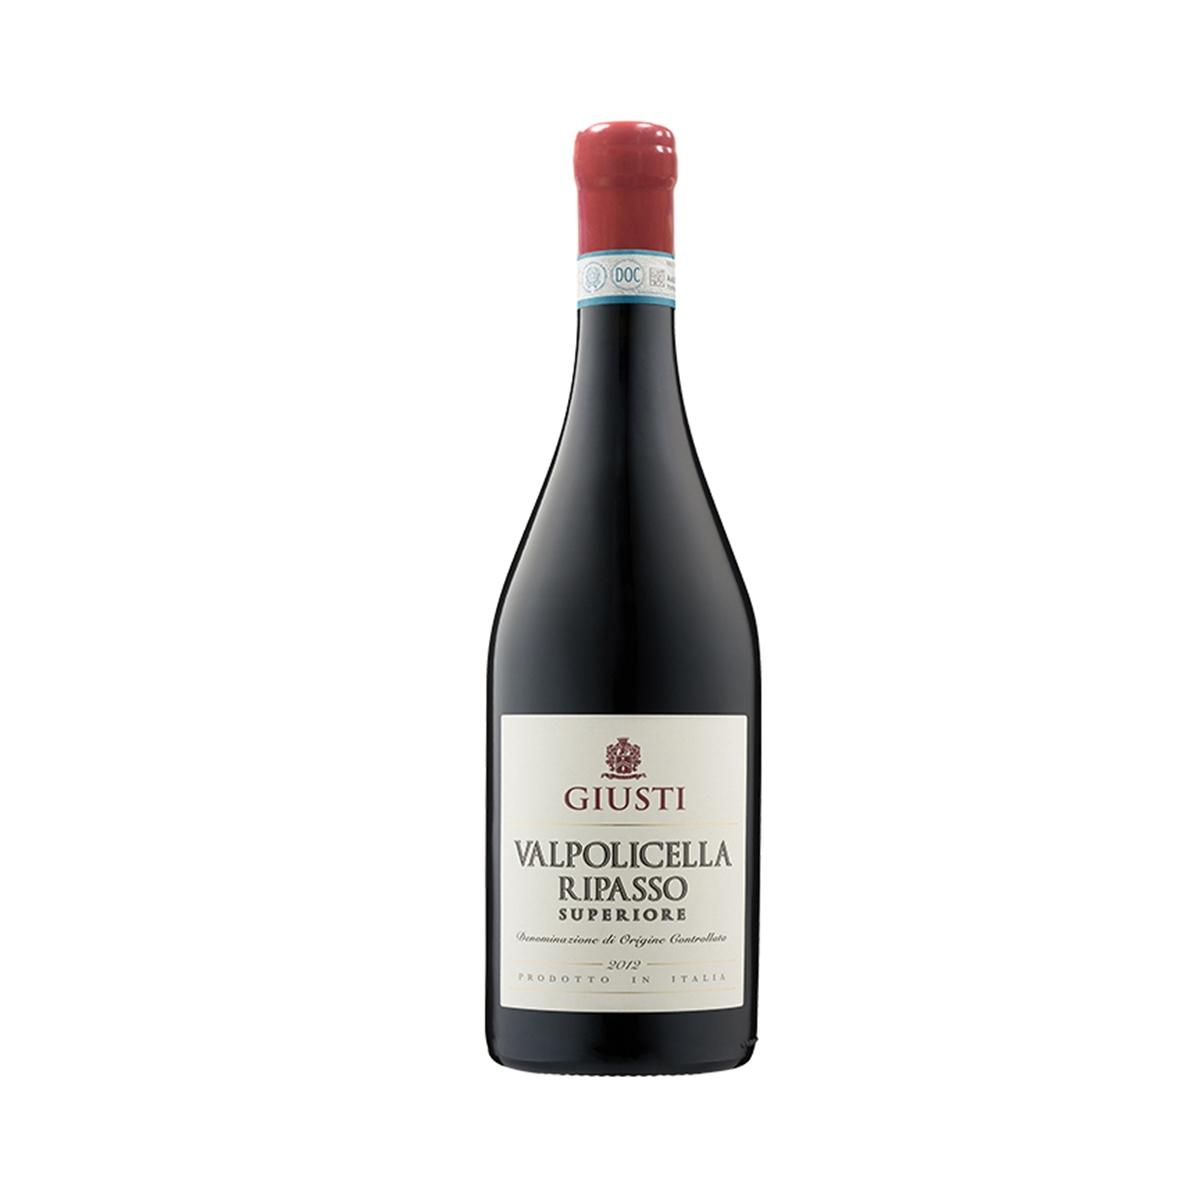 意大利朱斯蒂酒庄科维纳沃波里帕索 DOC干红葡萄酒